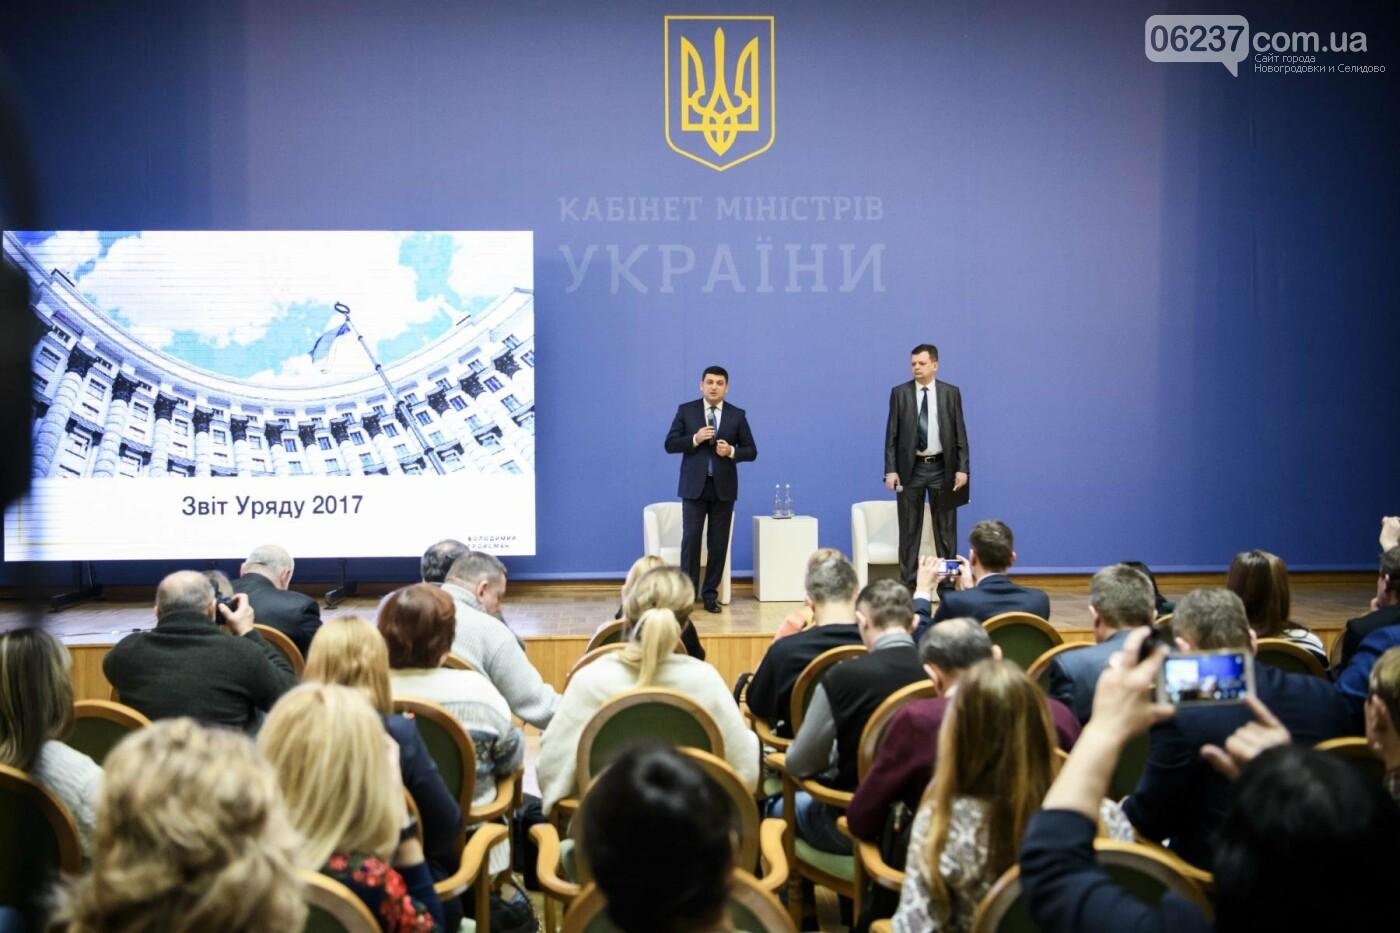 Уряд підтримує внесення в порядок денний роботи Парламенту законопроекту про Антикорупційний суд, – Володимир Гройсман, фото-1